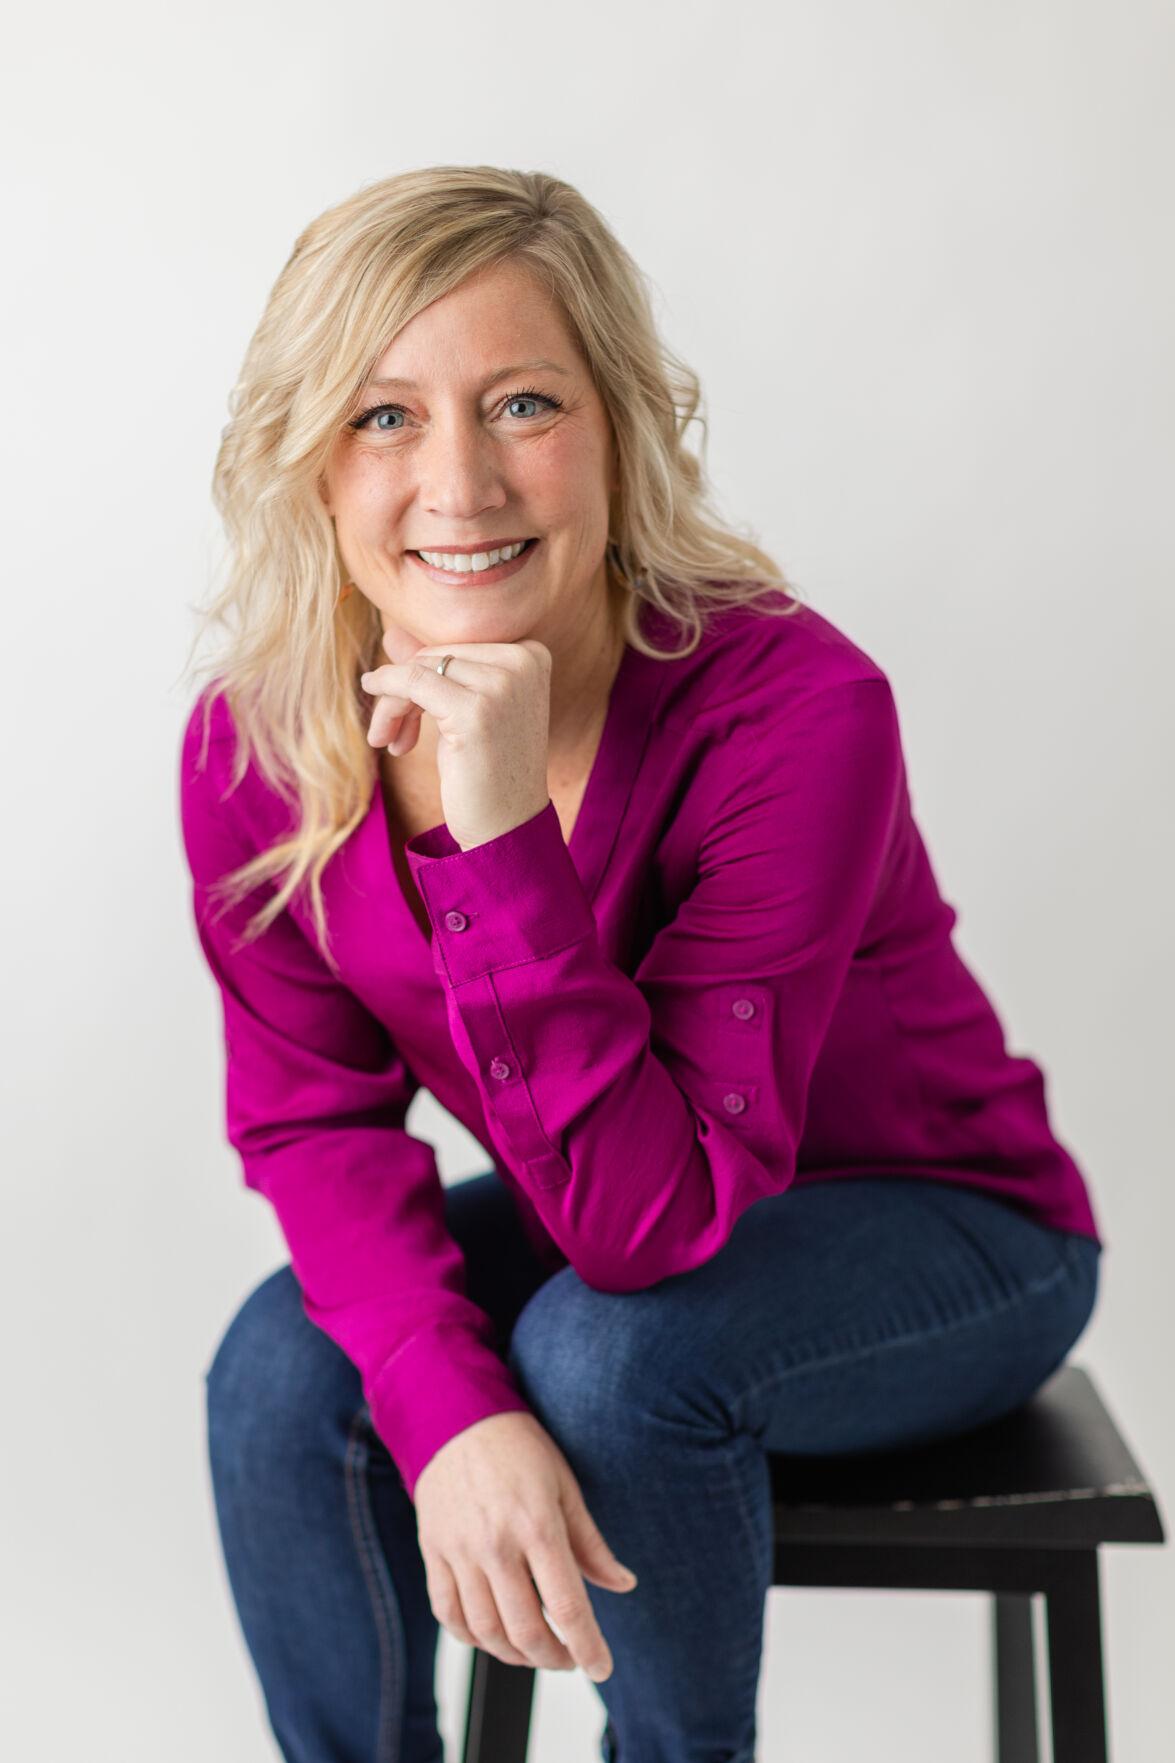 Katie Feuerhelm